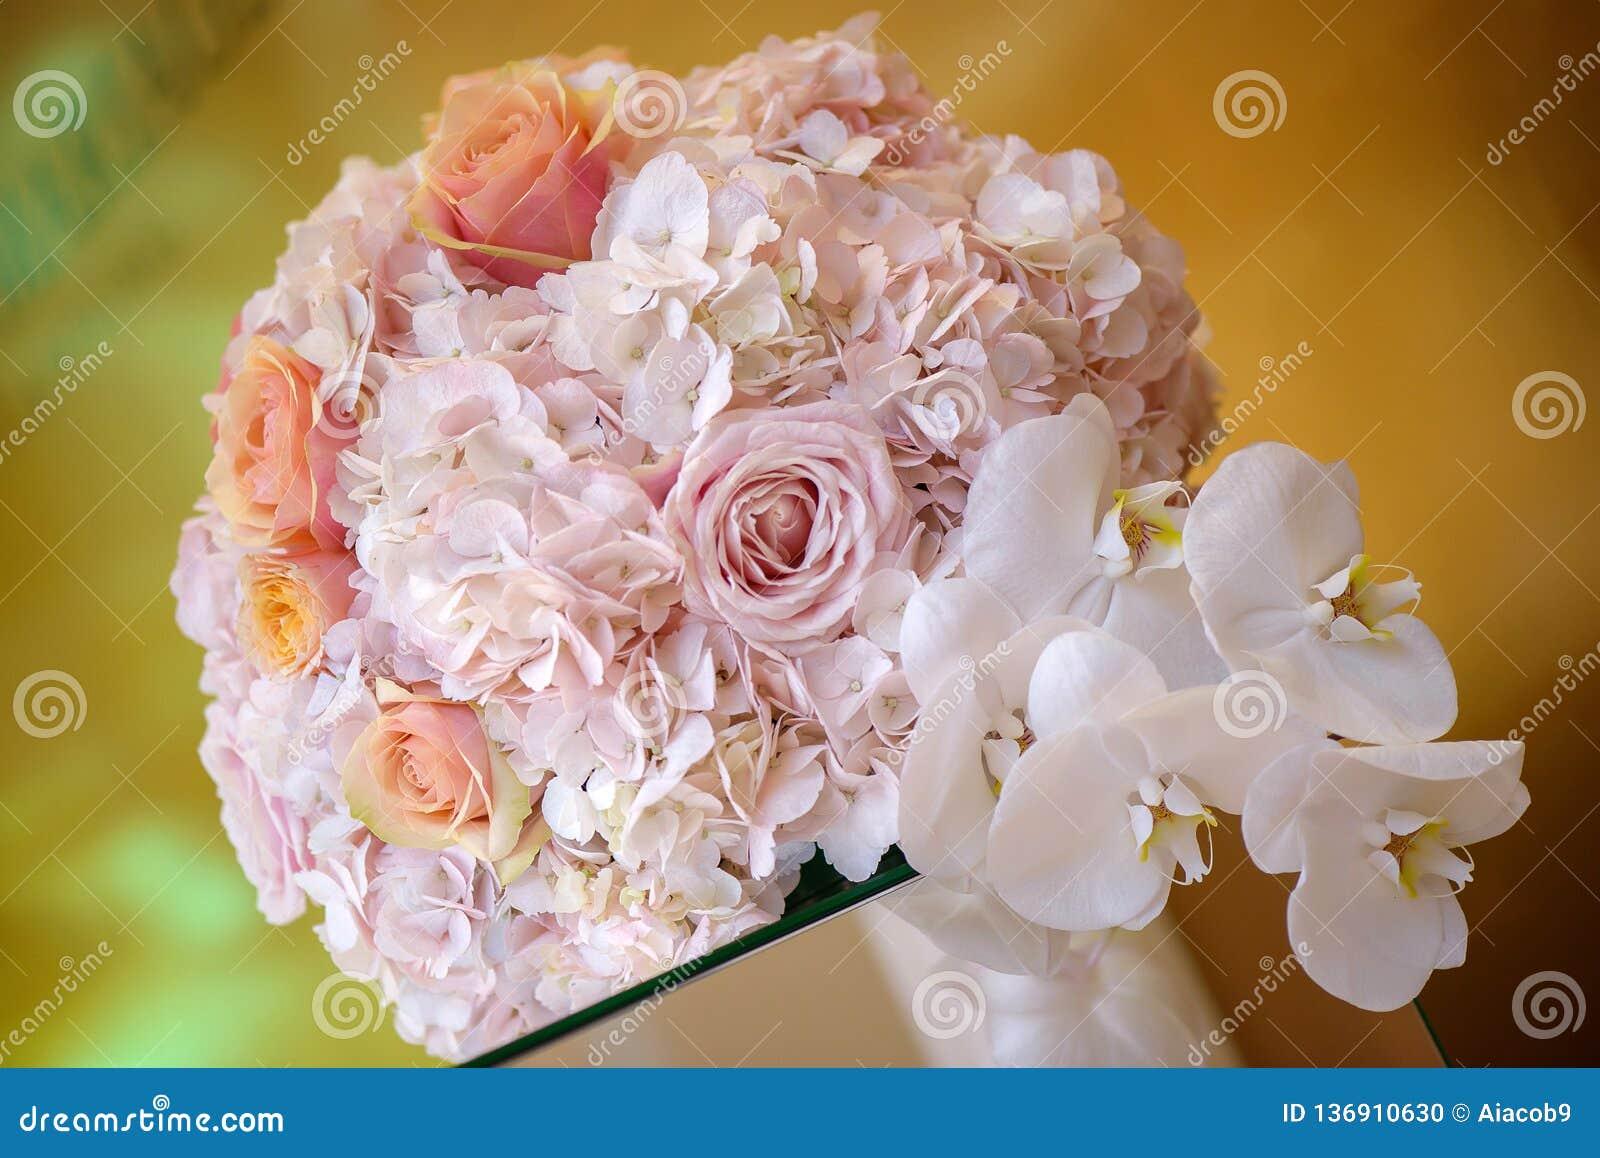 Αριστοκρατική floral ρύθμιση σε μια κρητιδογραφία γύρω από την ανθοδέσμη που χαρακτηρίζει τα ρόδινες τριαντάφυλλα και τις ορχιδέε